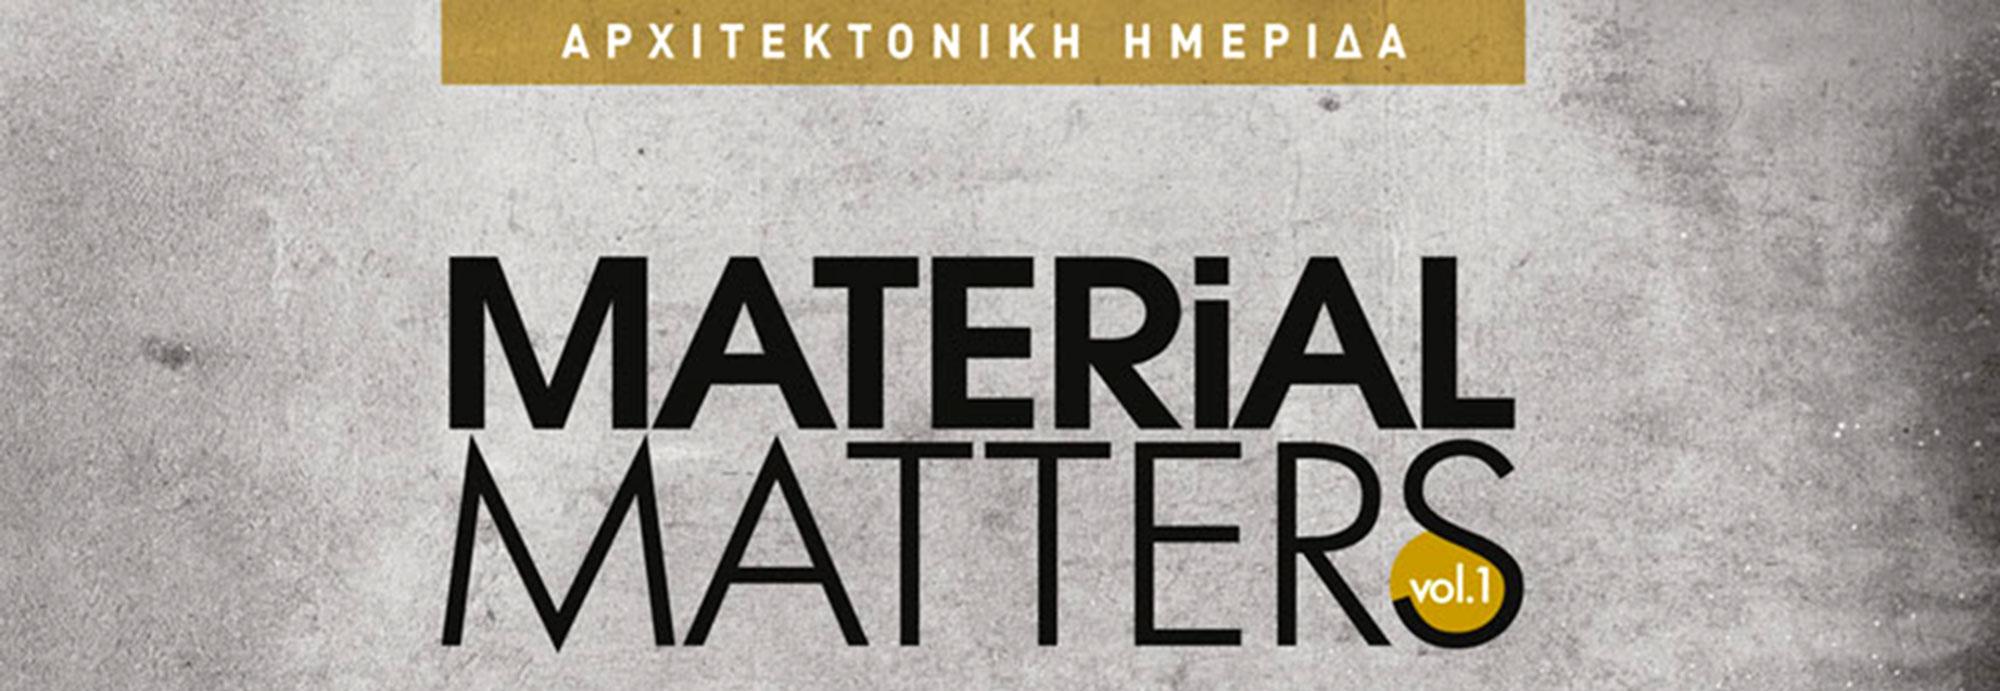 Material Matters vol.1